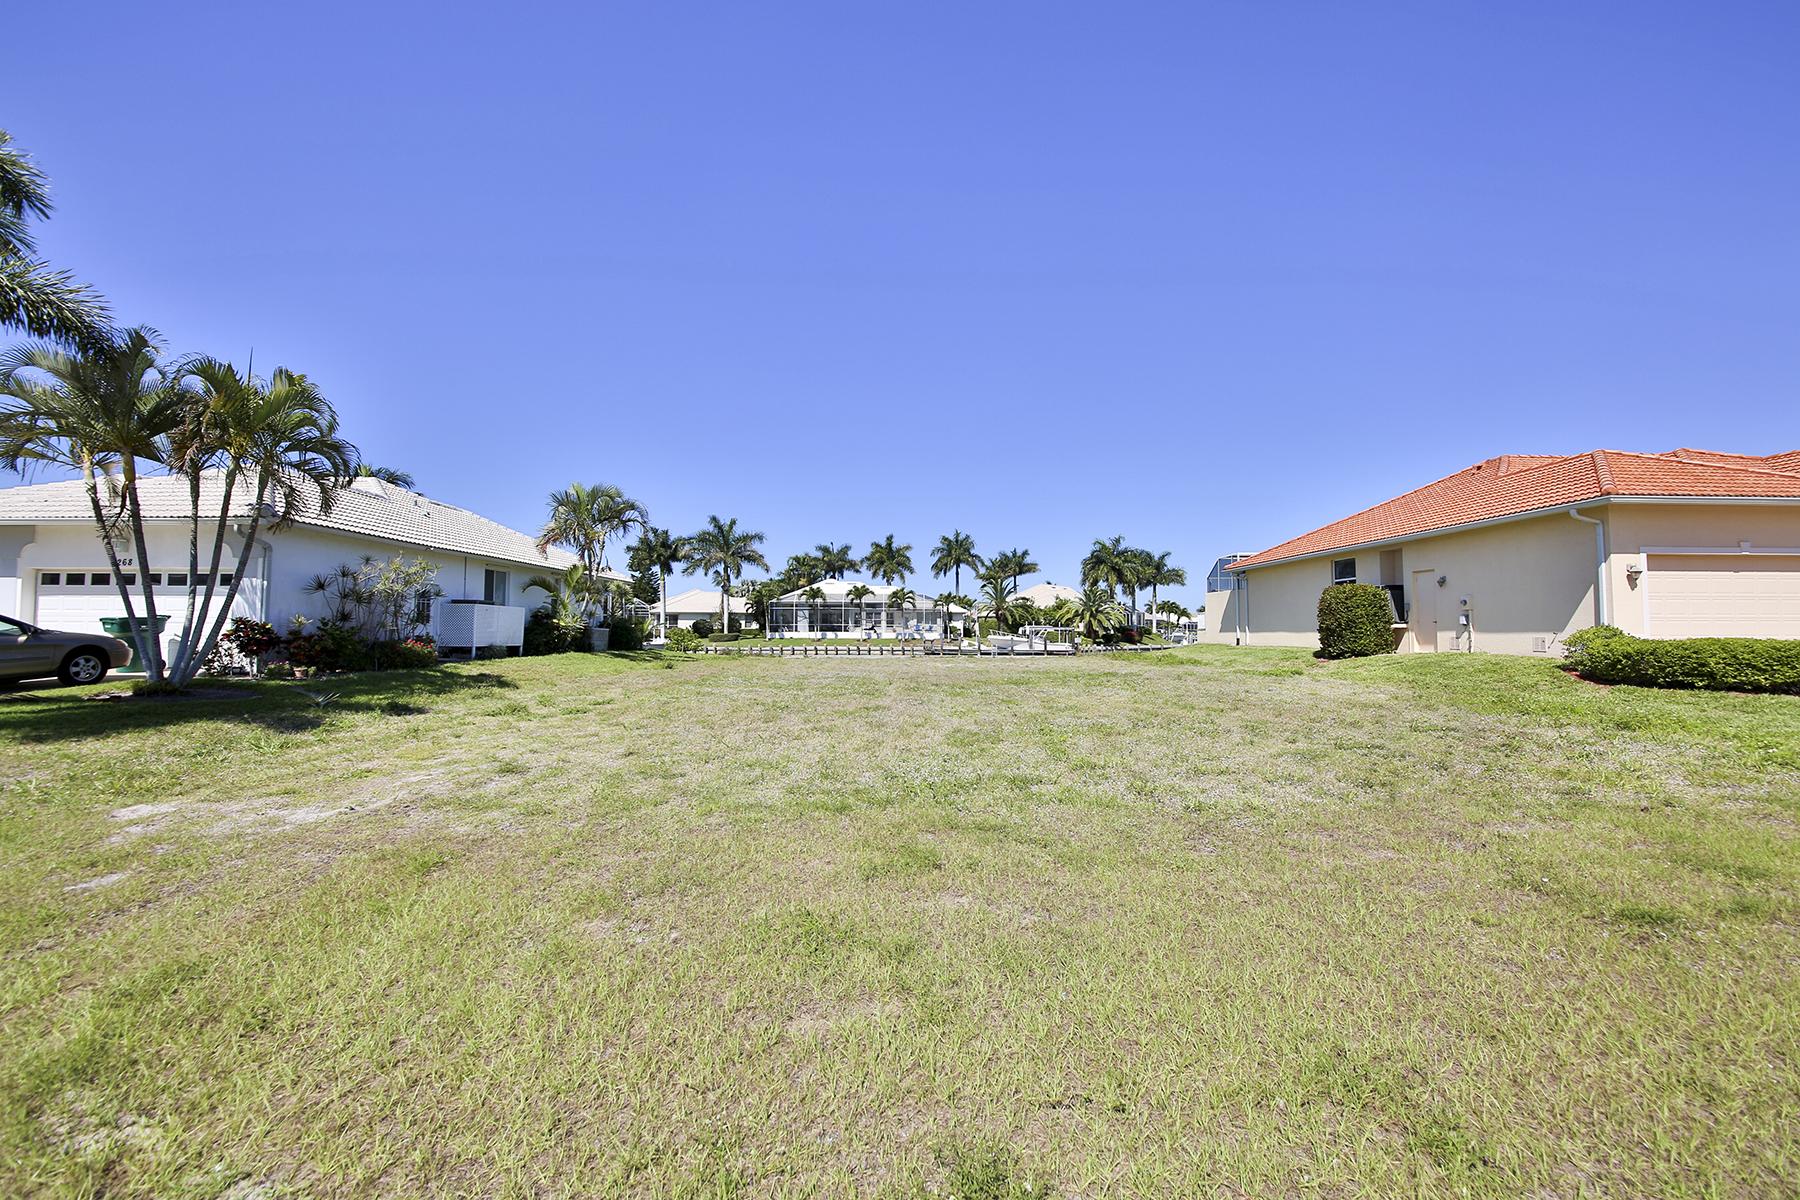 토지 용 매매 에 MARCO ISLAND - CAPISTRANO COURT 278 Capistrano Ct Marco Island, 플로리다 34145 미국